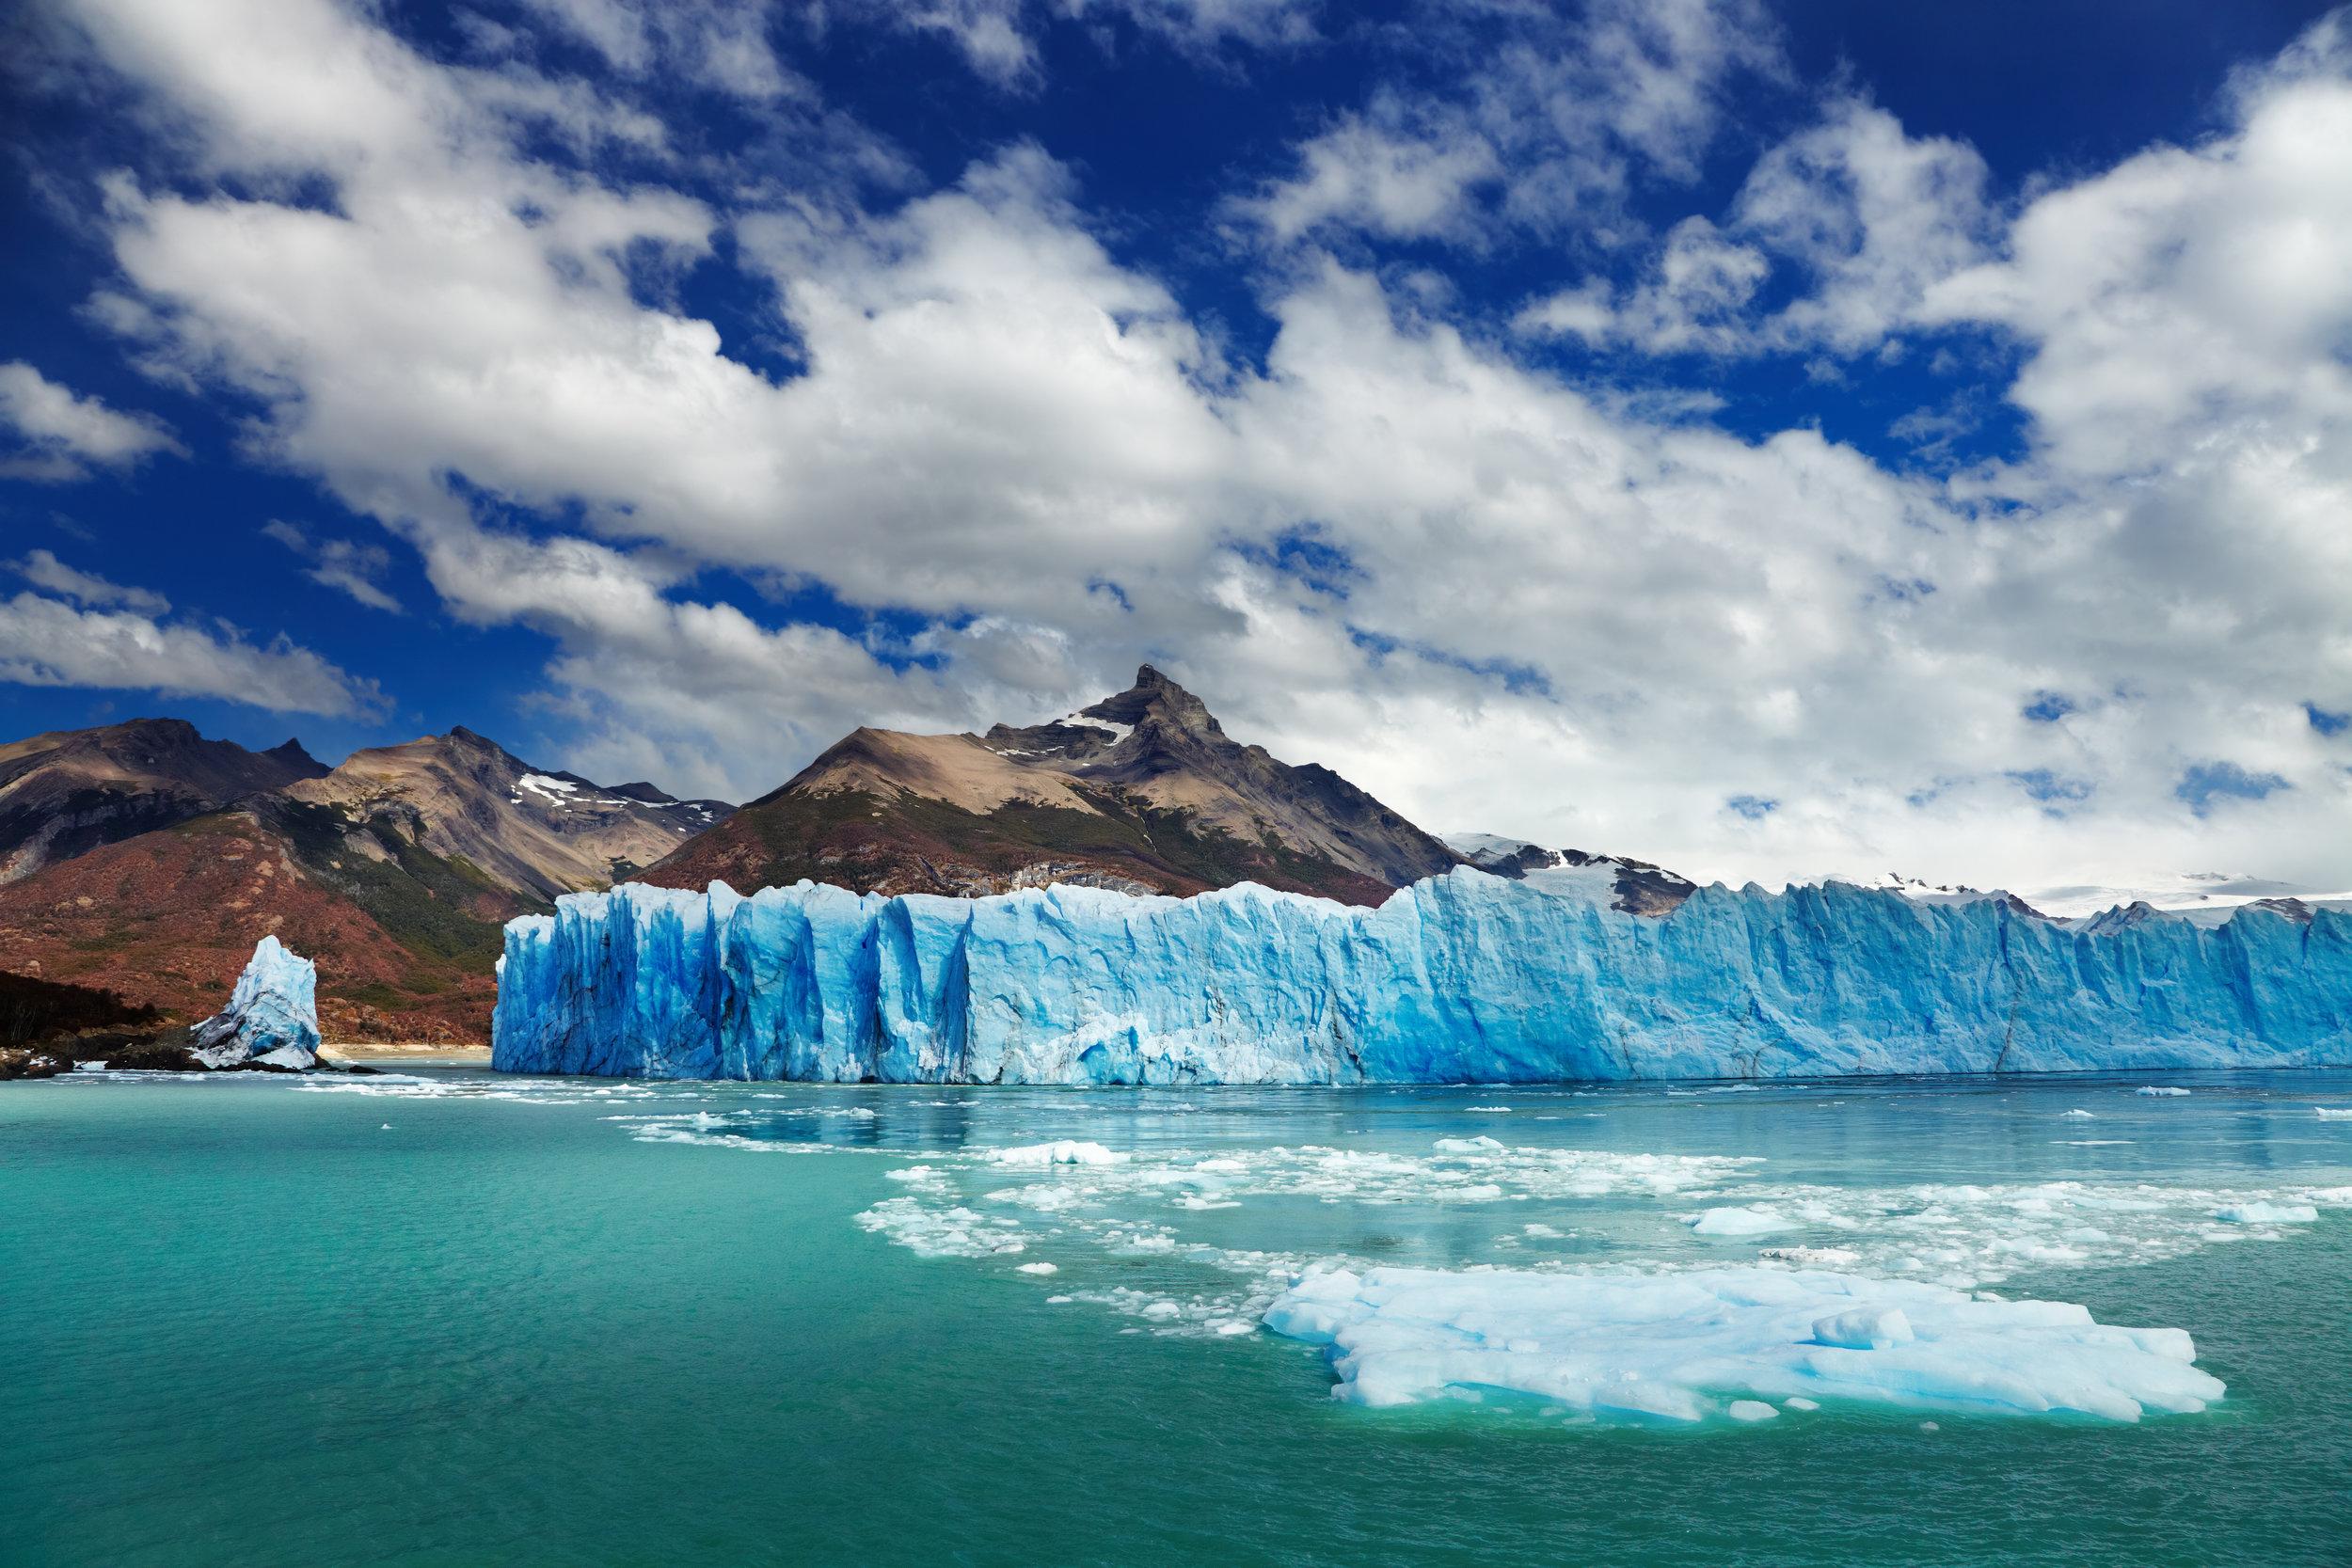 bigstock-Perito-Moreno-Glacier-Argenti-36466249.jpg